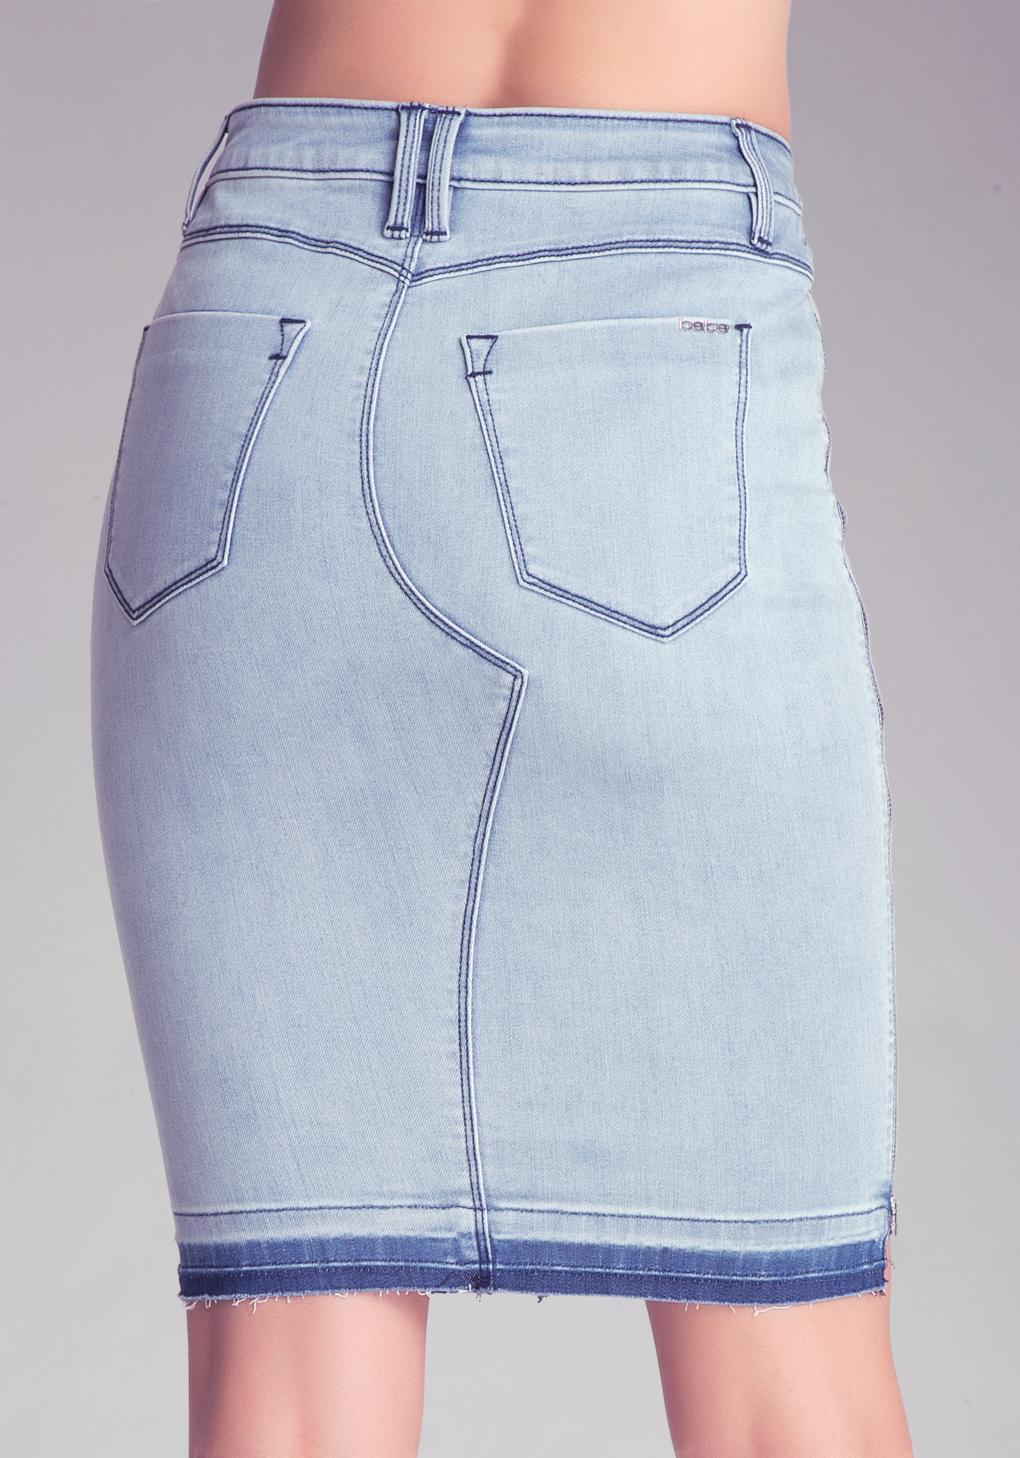 Hudson Jeans Side Zip Denim Skirt Nordstrom